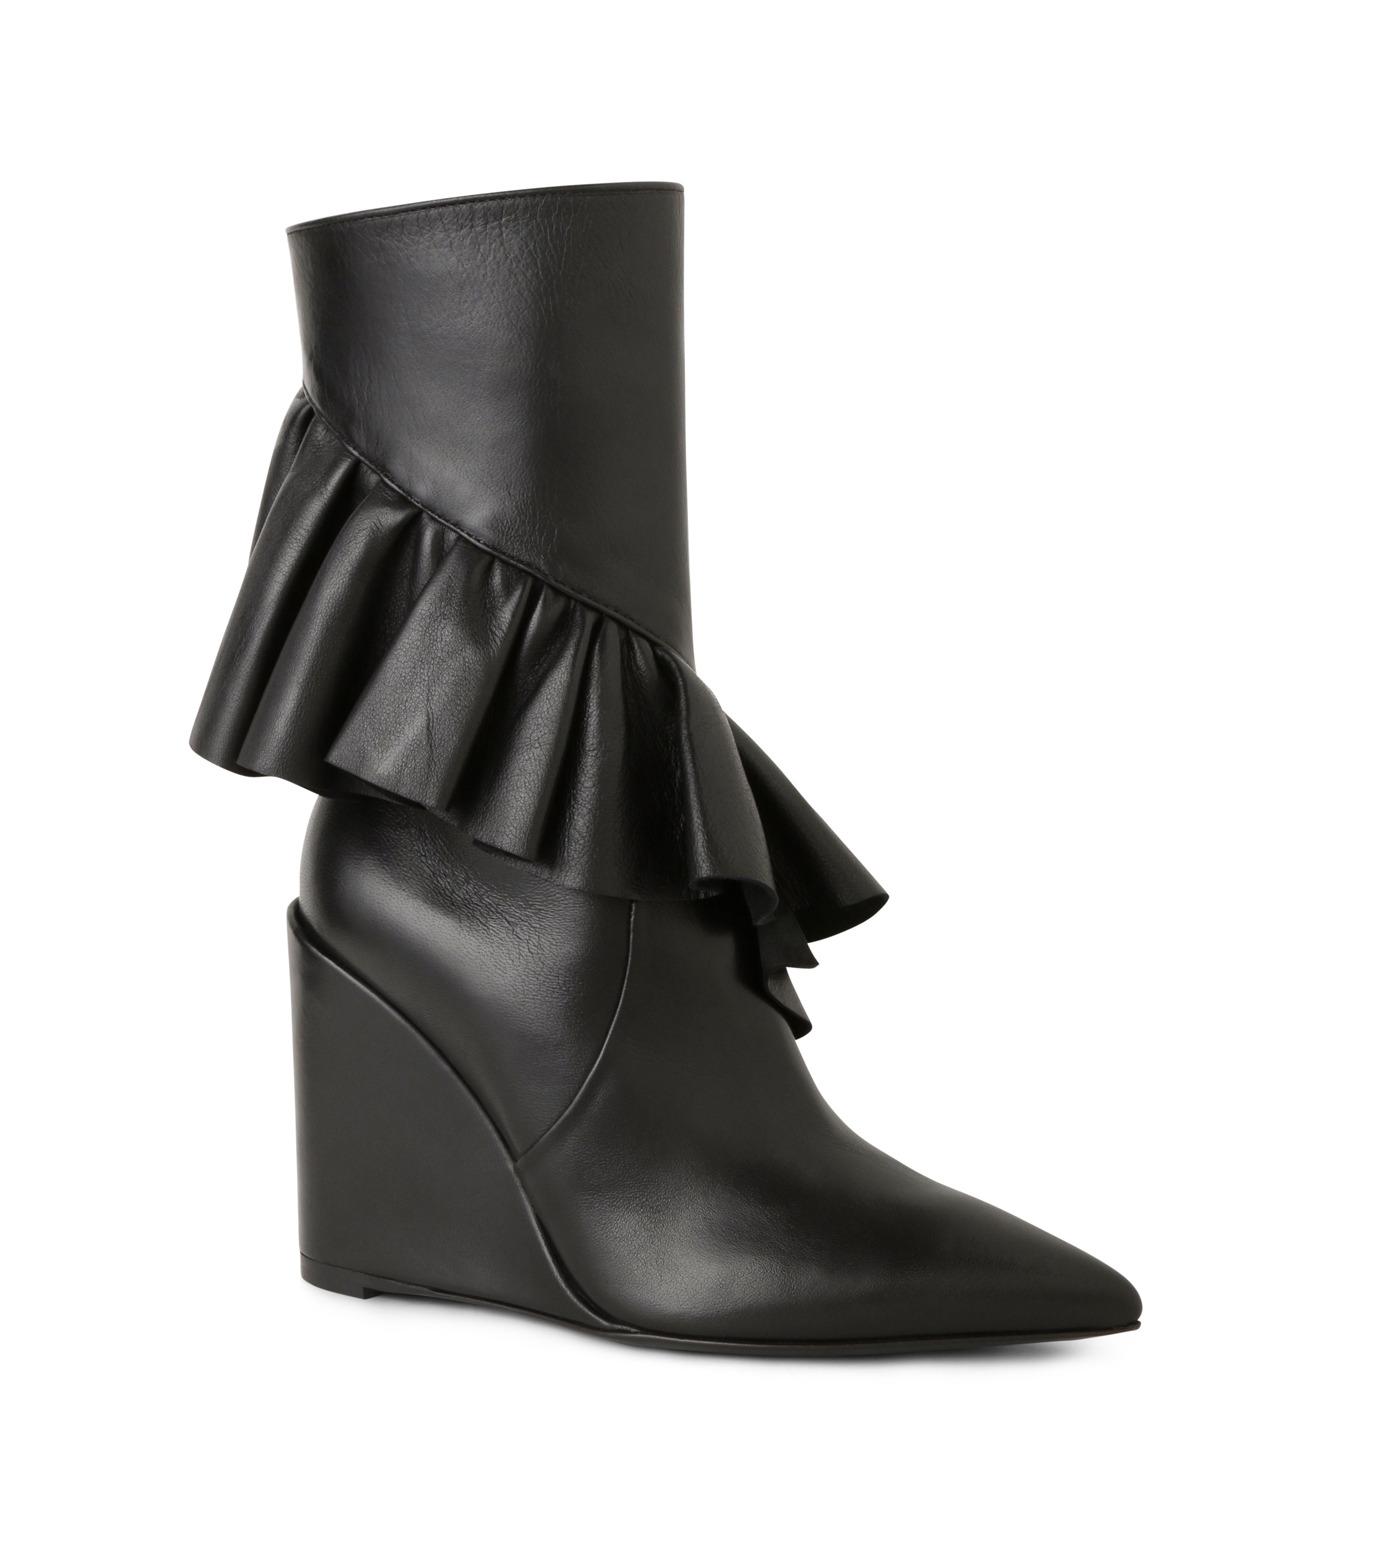 J.W.Anderson(ジェイダブリュー アンダーソン)のMid Calf Ruffle Boot-BLACK(ブーツ/boots)-JWAFW03C-13 拡大詳細画像1